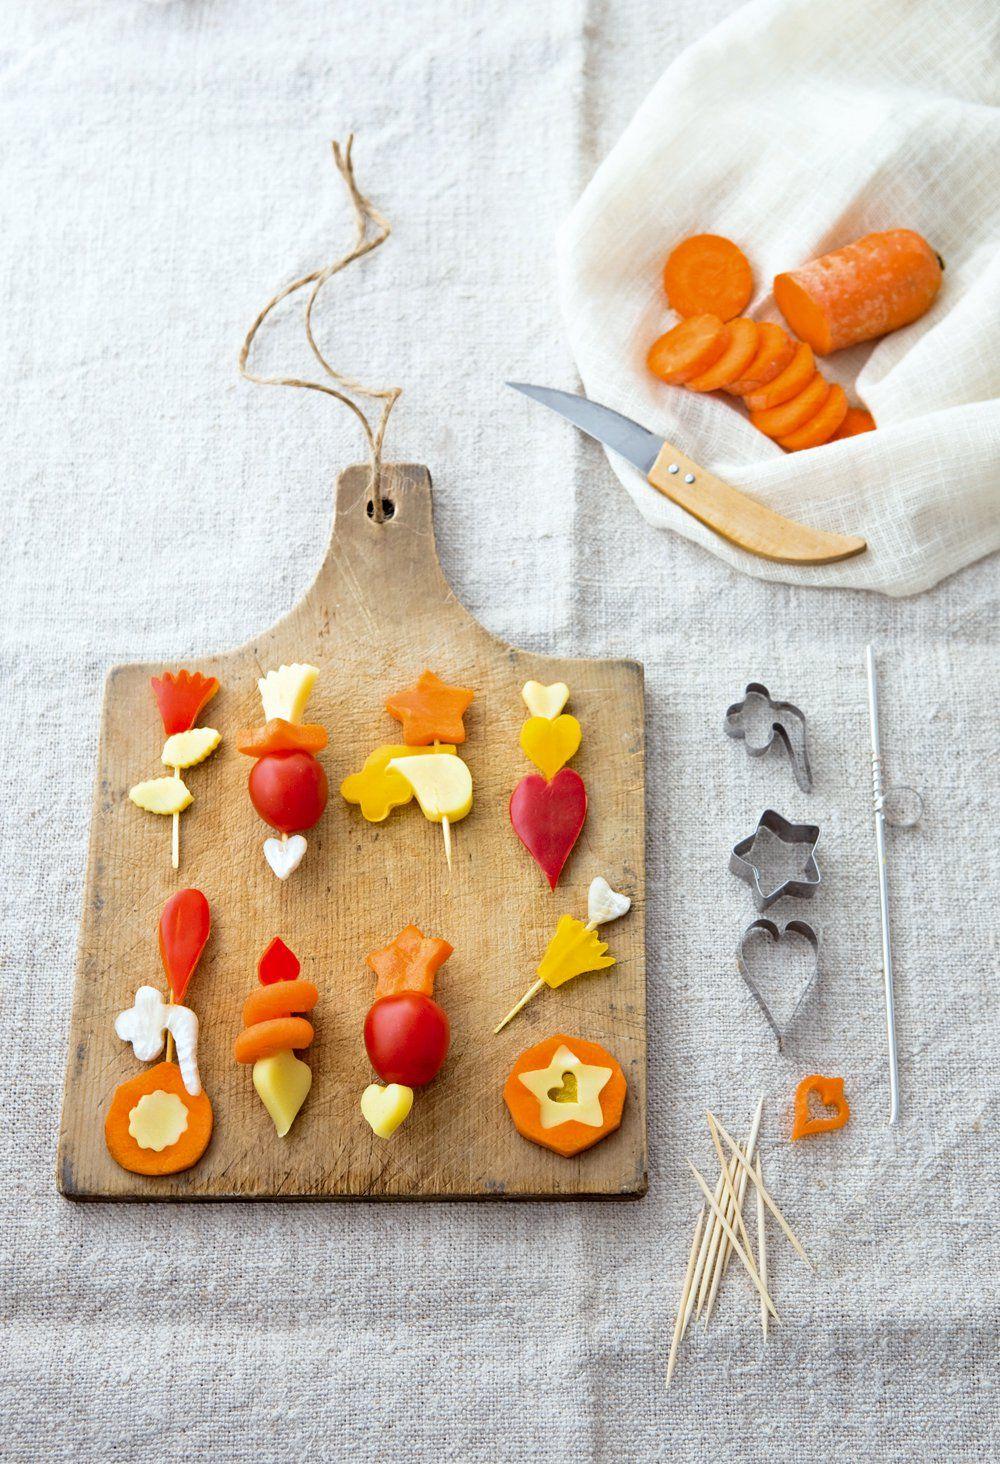 Une cuisine créative aux couleurs du soleil